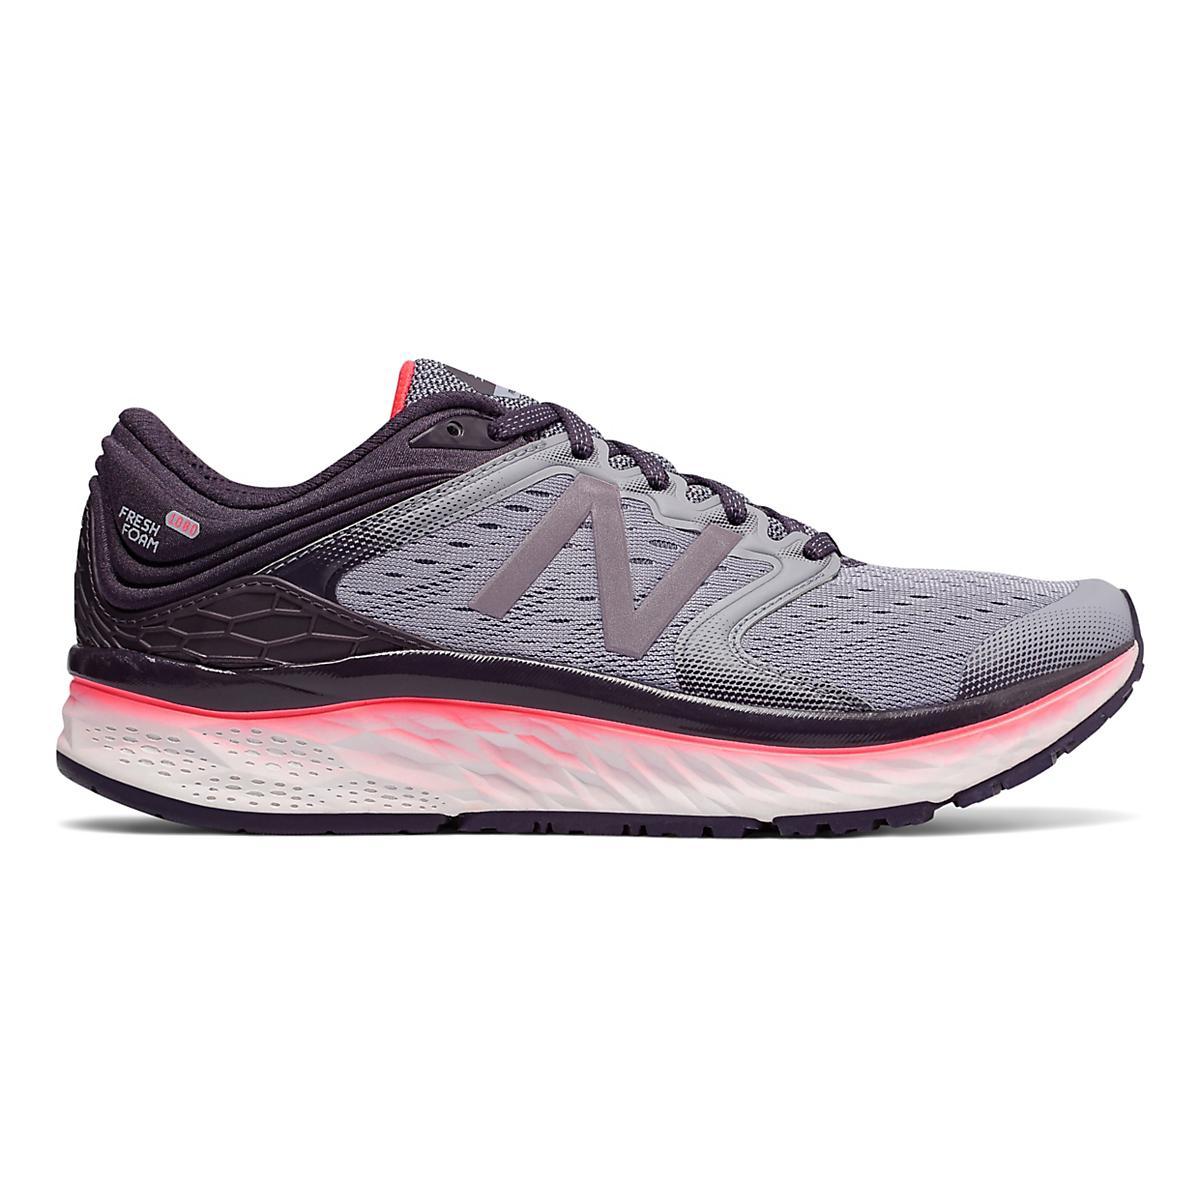 d07e4f1a88e New Balance 1080v8 Fresh Foam Women s Running Shoes